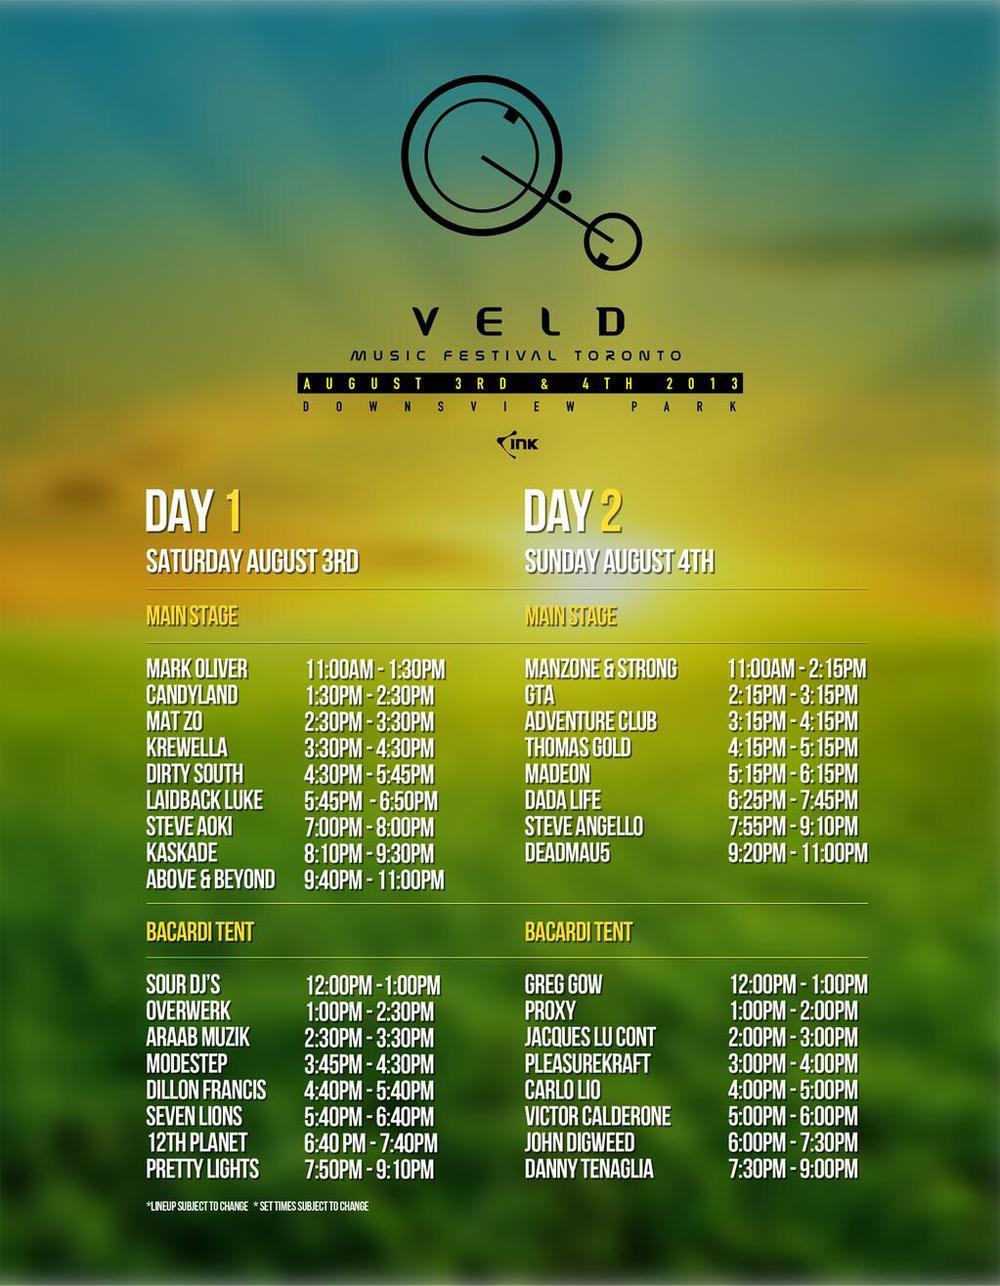 Veld music festival Toronto set times